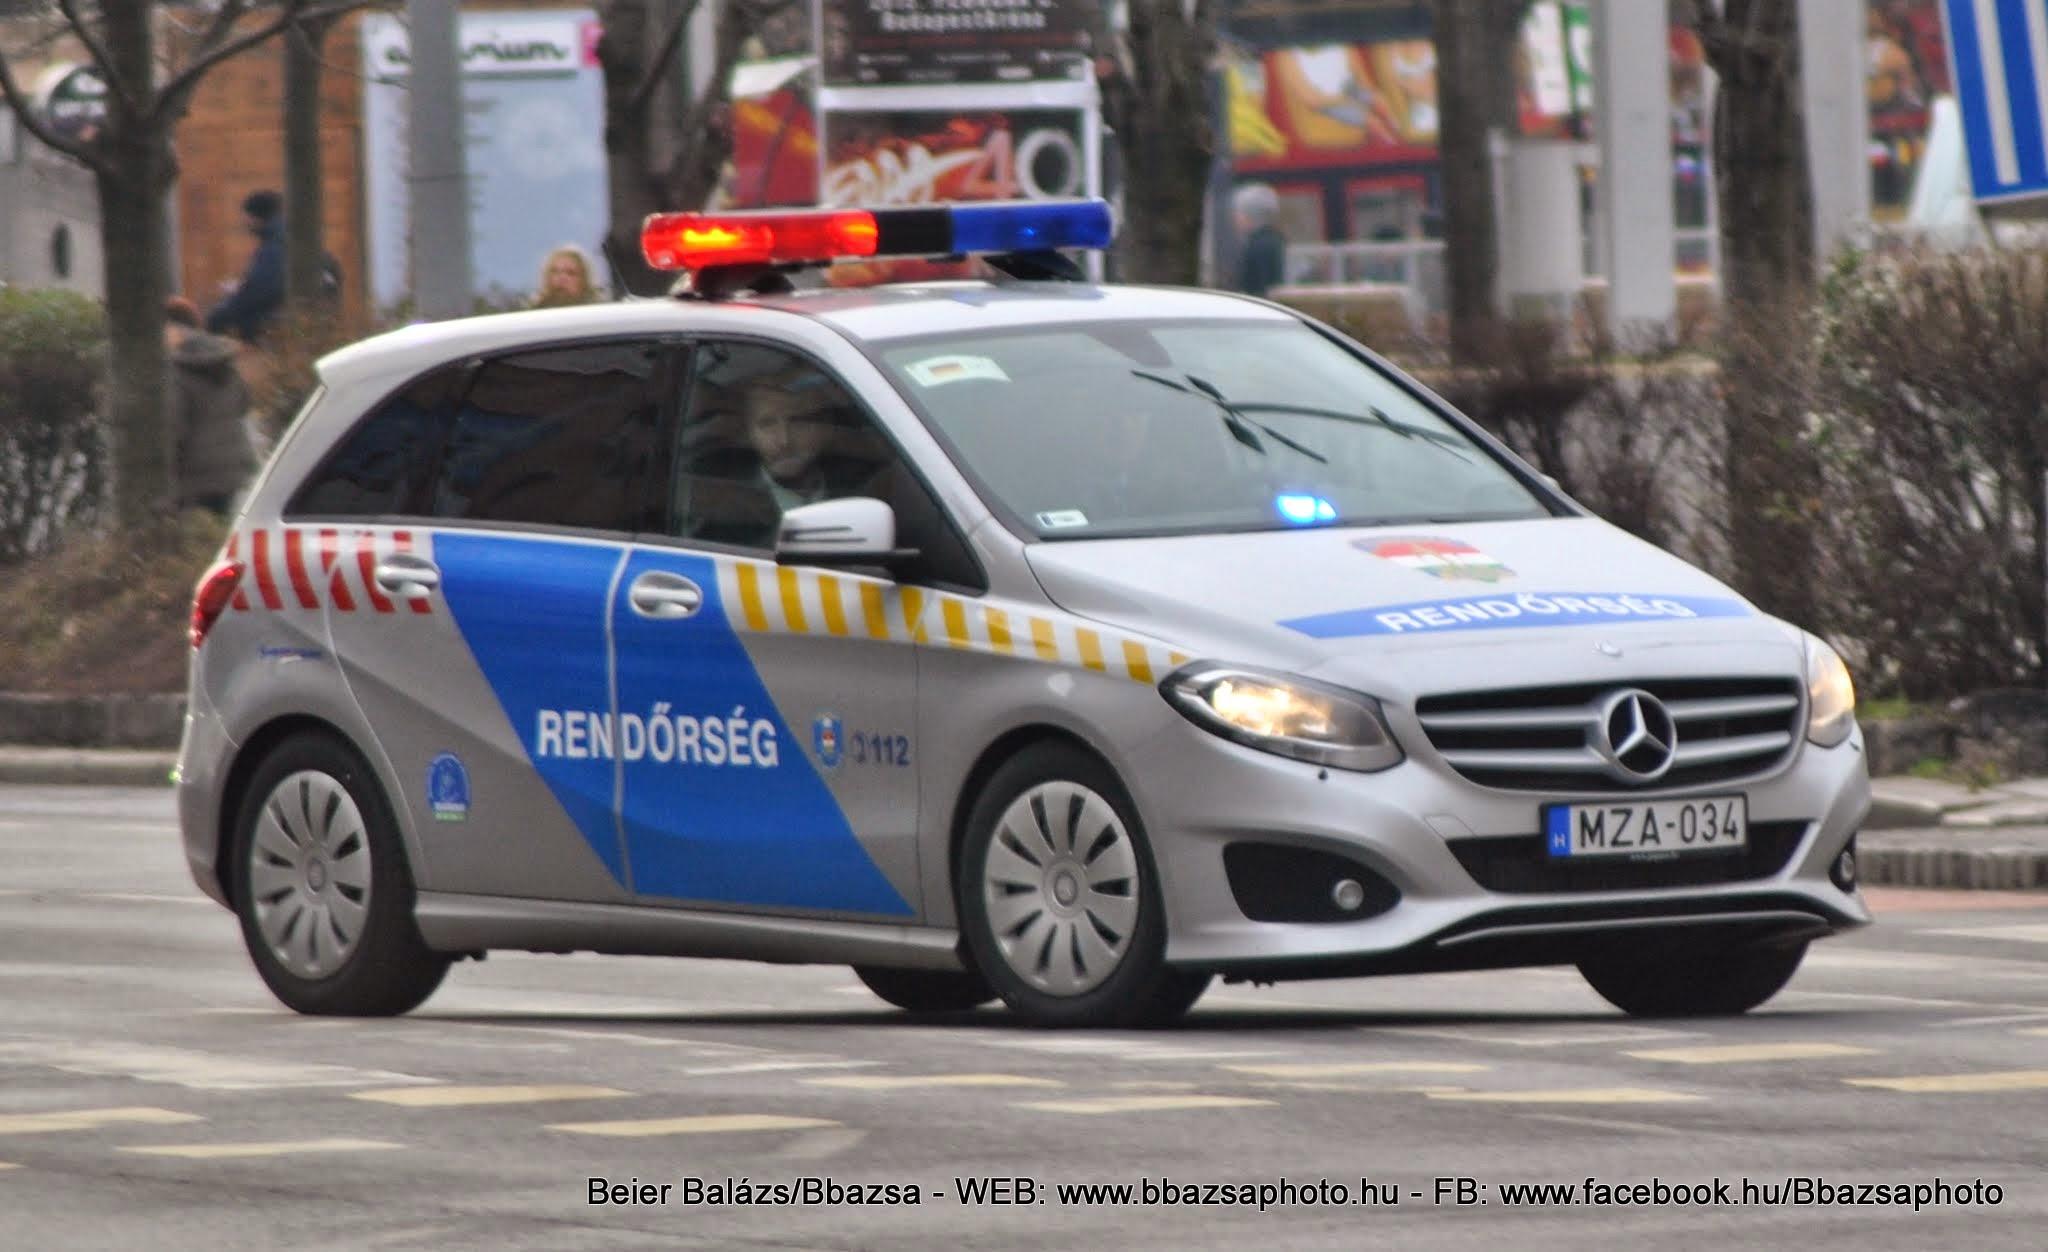 Mercedes-Benz B220 CDI 4Matic – Készenléti Rendőrség